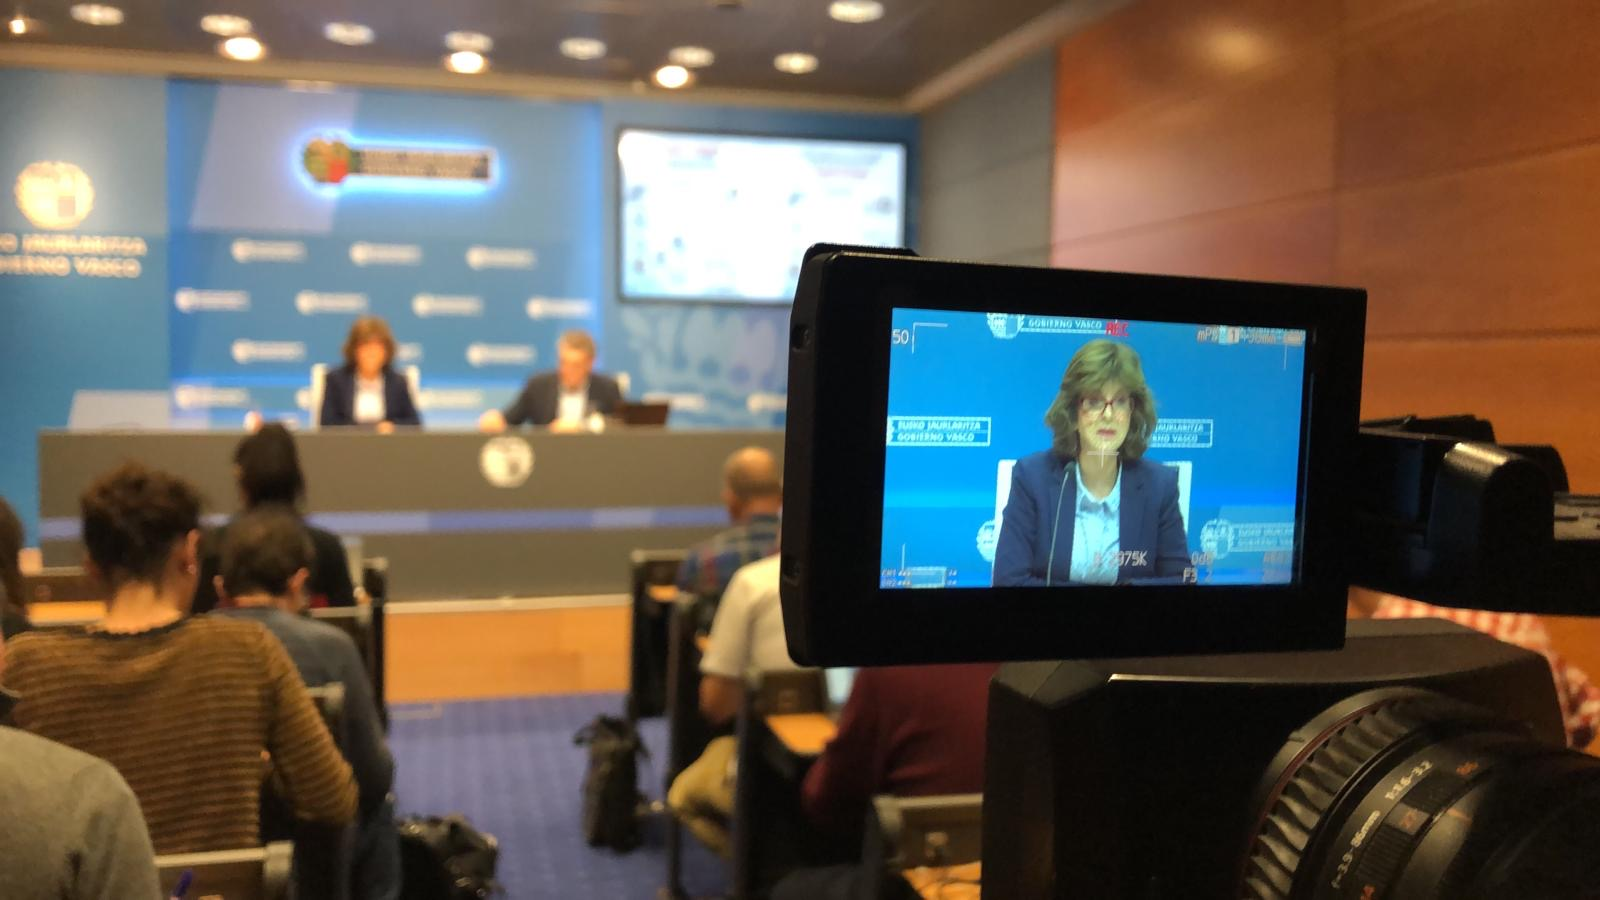 Cuatro nuevos positivos elevan a 17 los casos de coronavirus en Euskadi  [29:35]